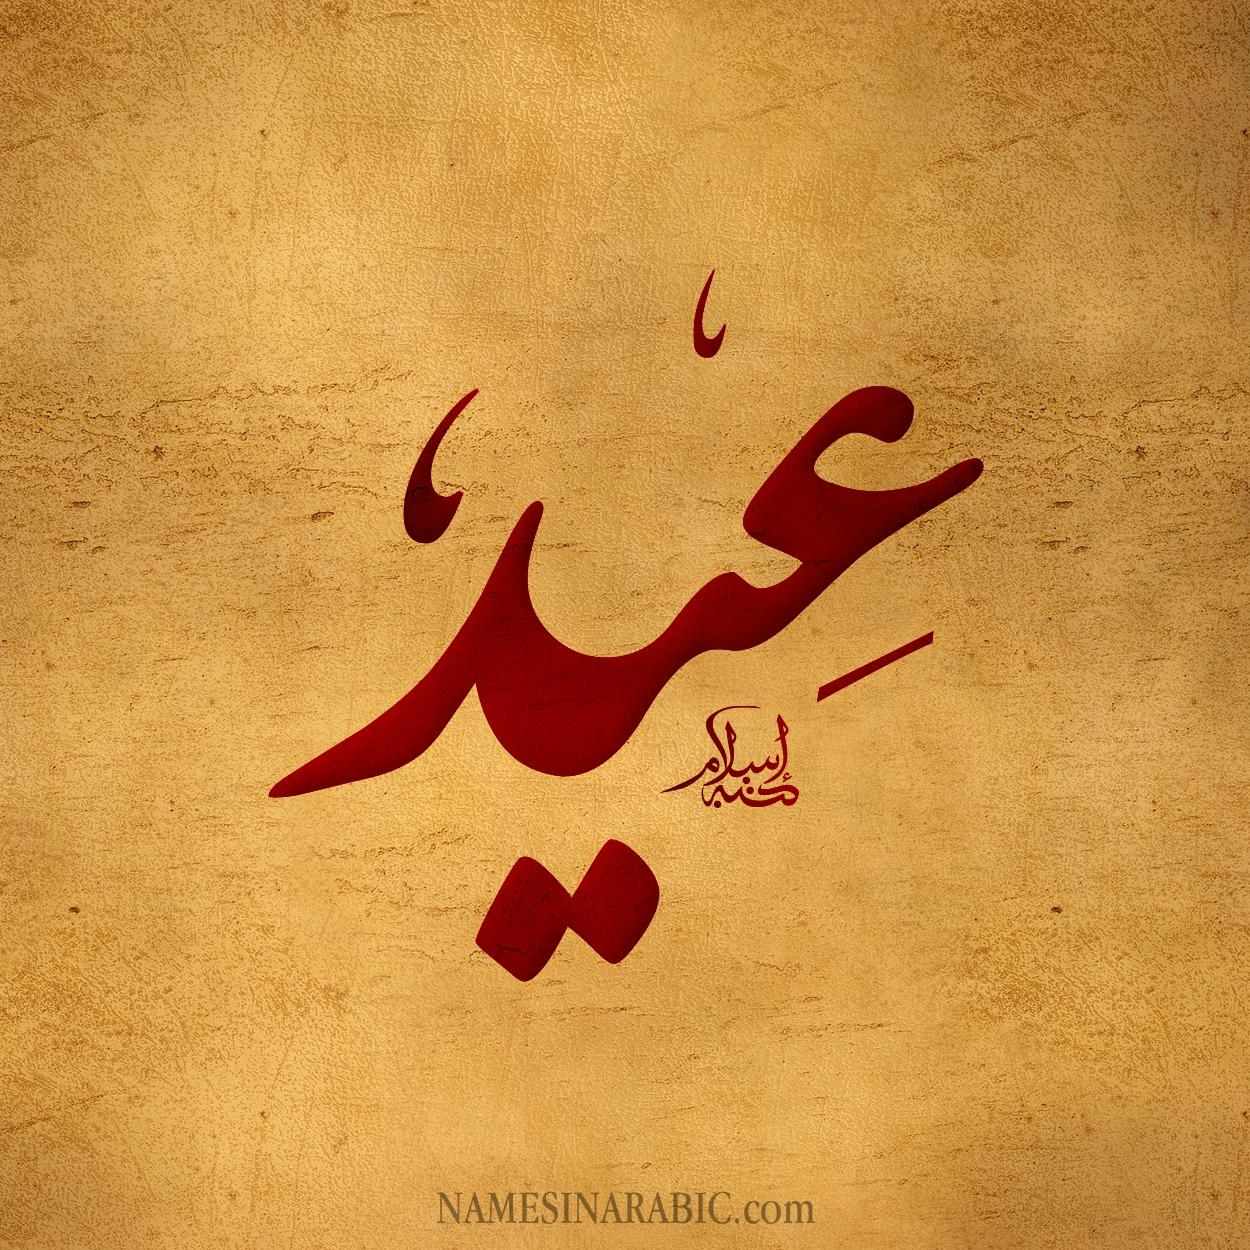 صورة اسم عيد Eid اسم عيد بالخط العربي من موقع الأسماء بالخط العربي بريشة الفنان إسلام ابن الفضل